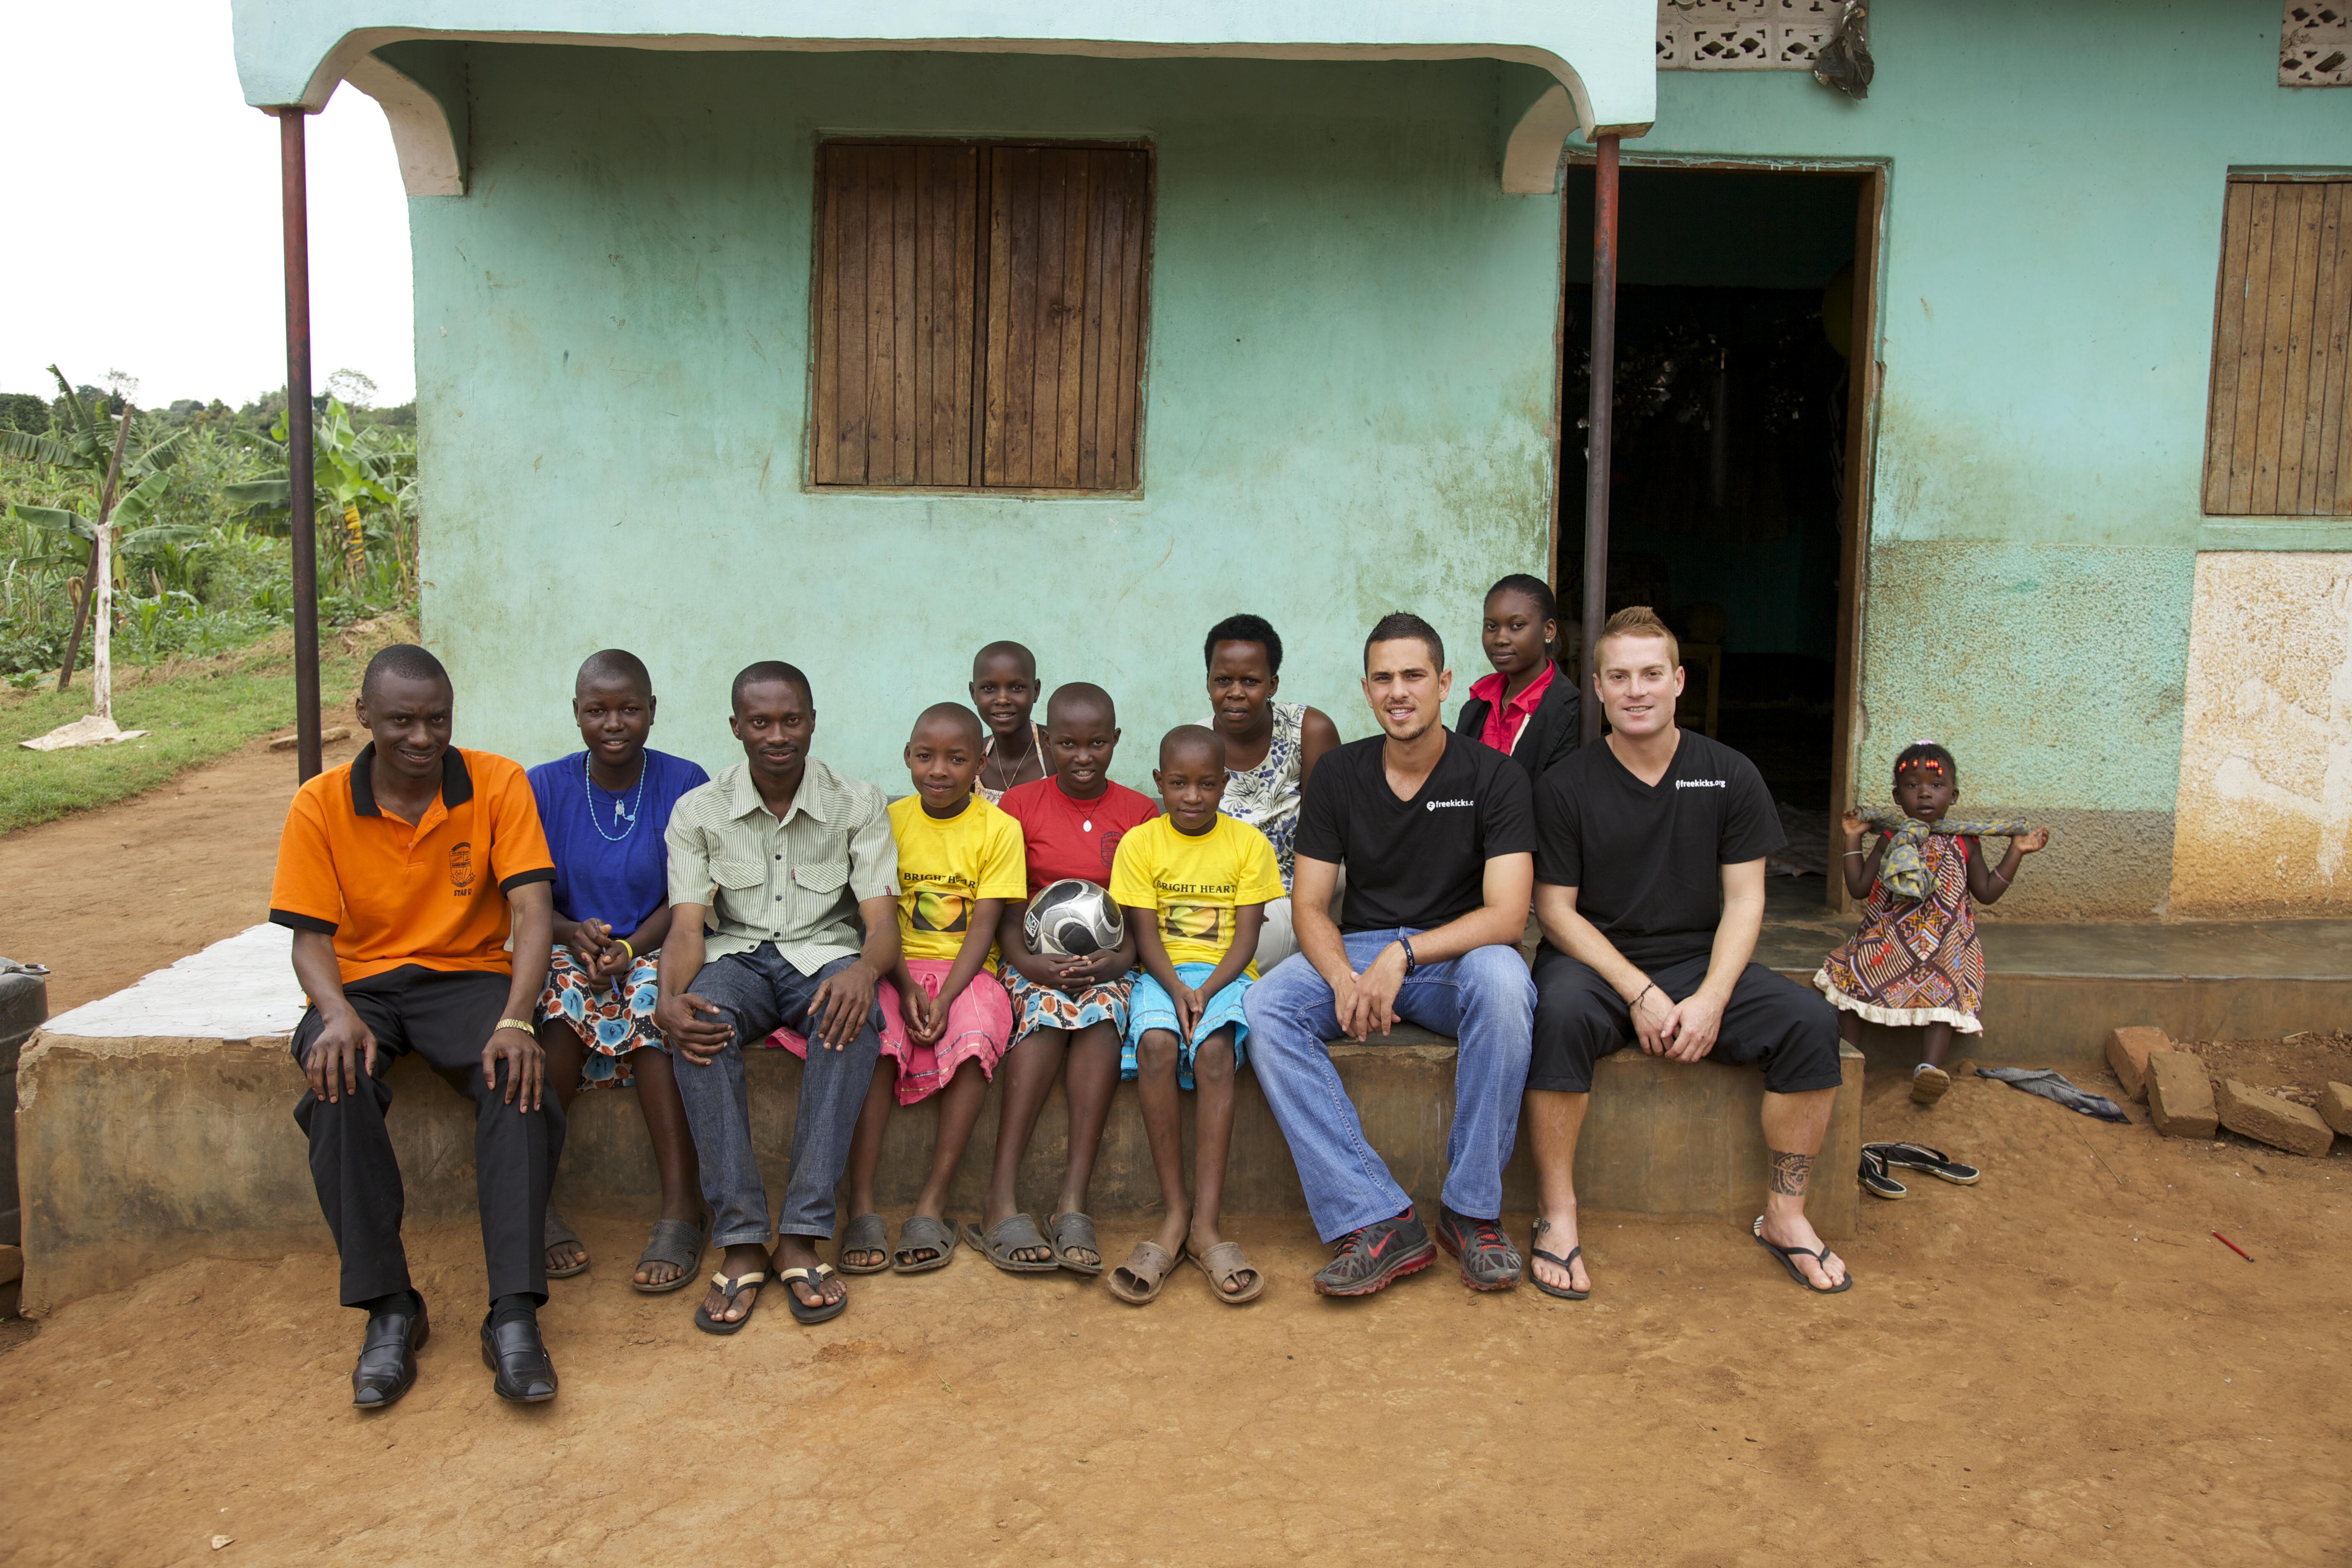 Visit at the Bright Hearts Orphanage